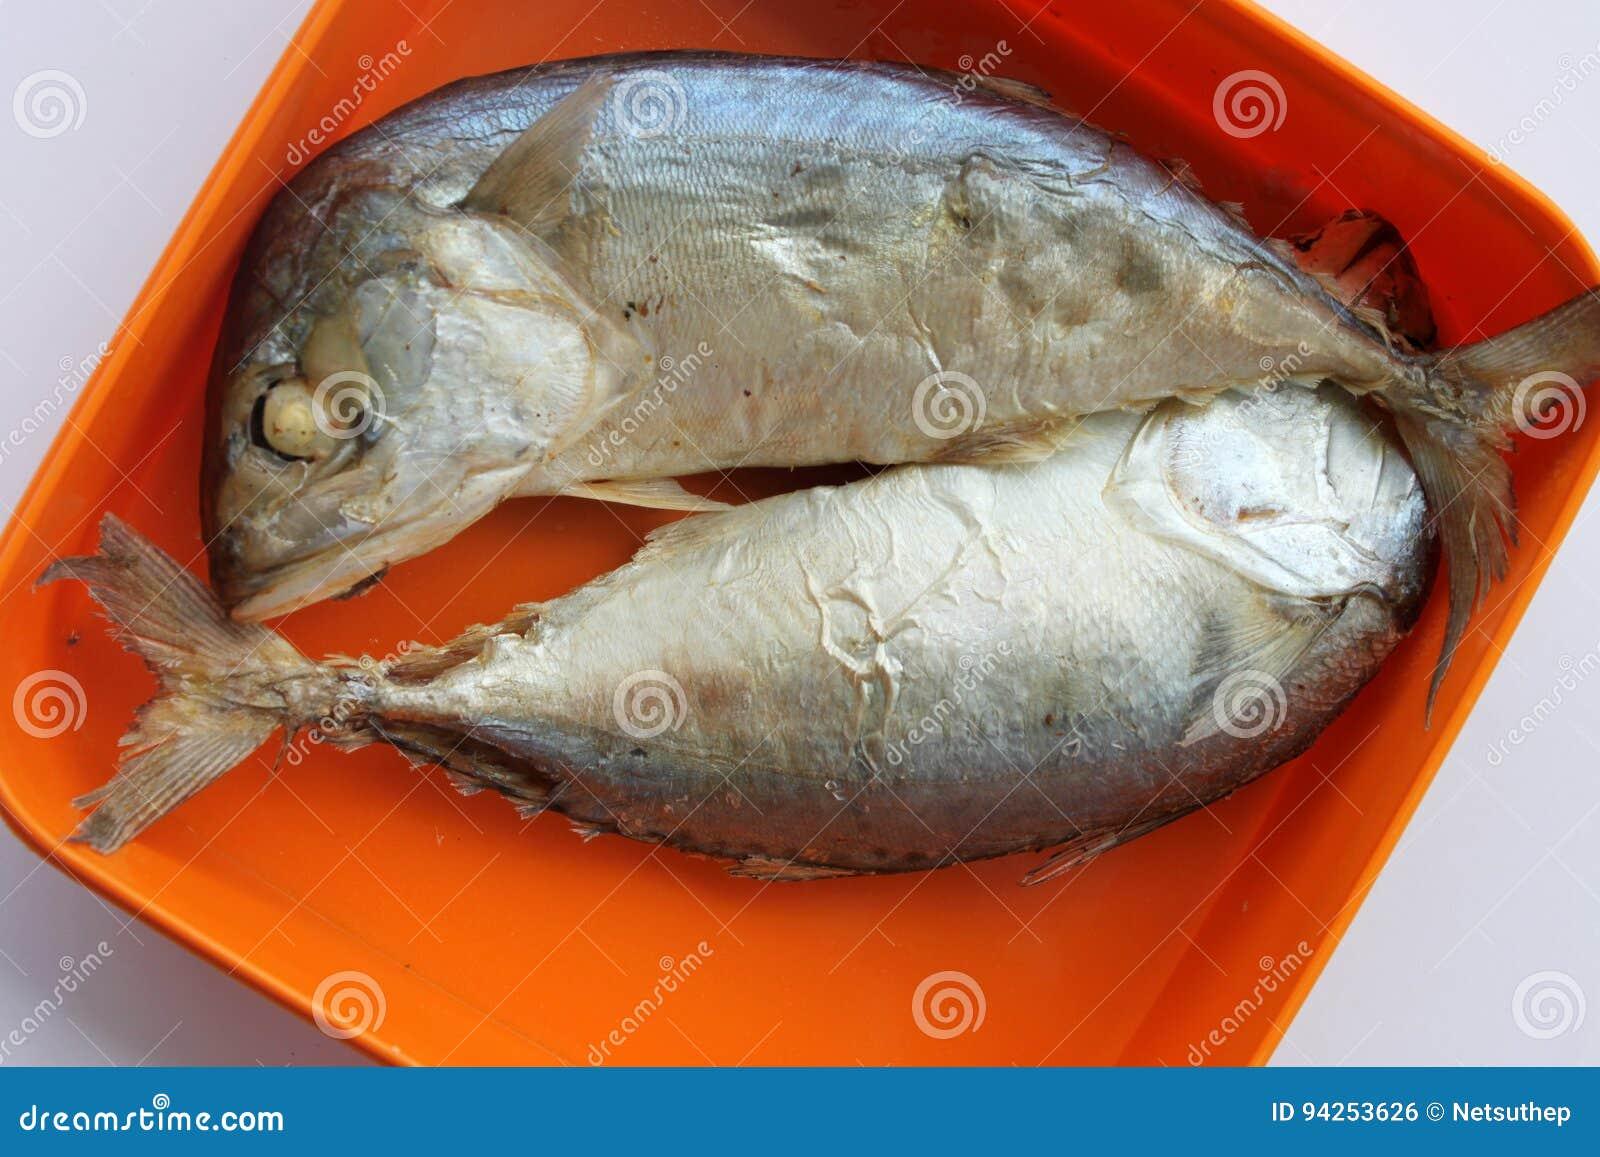 makrele braten